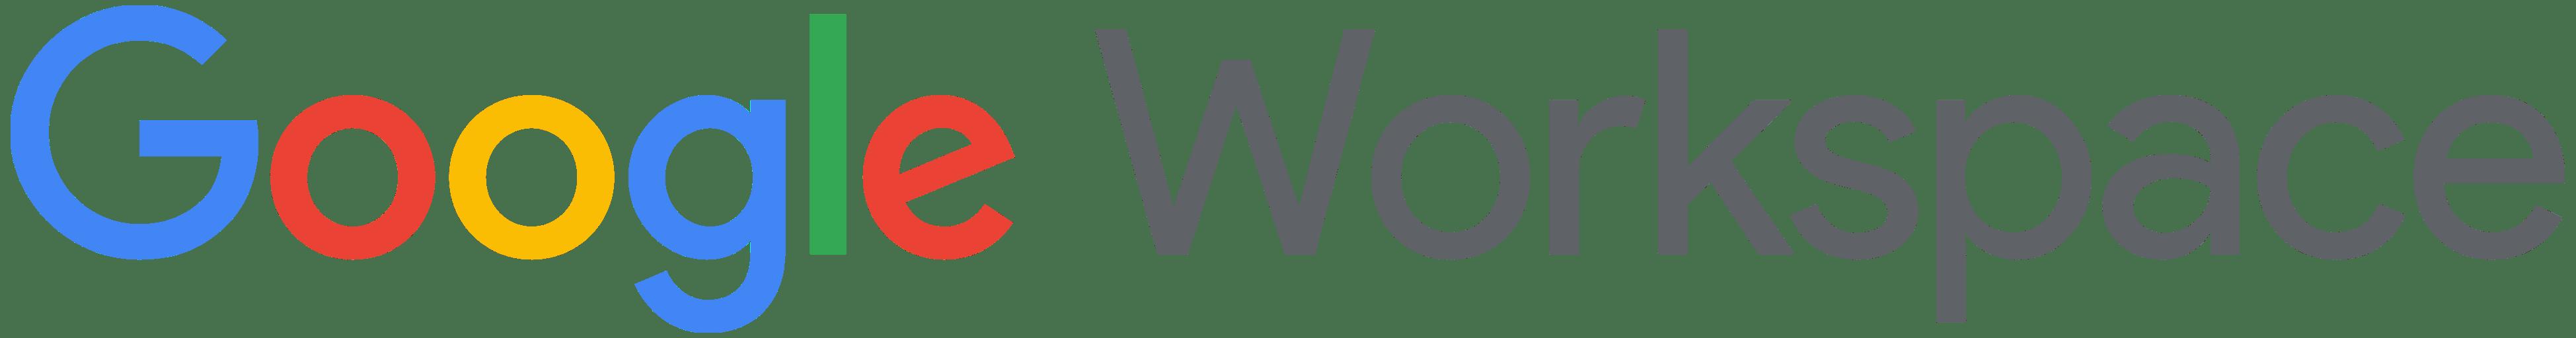 Google Workspace eski adıyla G-suite en iyi profesyonel office alternatifi üretkenlik programı https://huglero.com